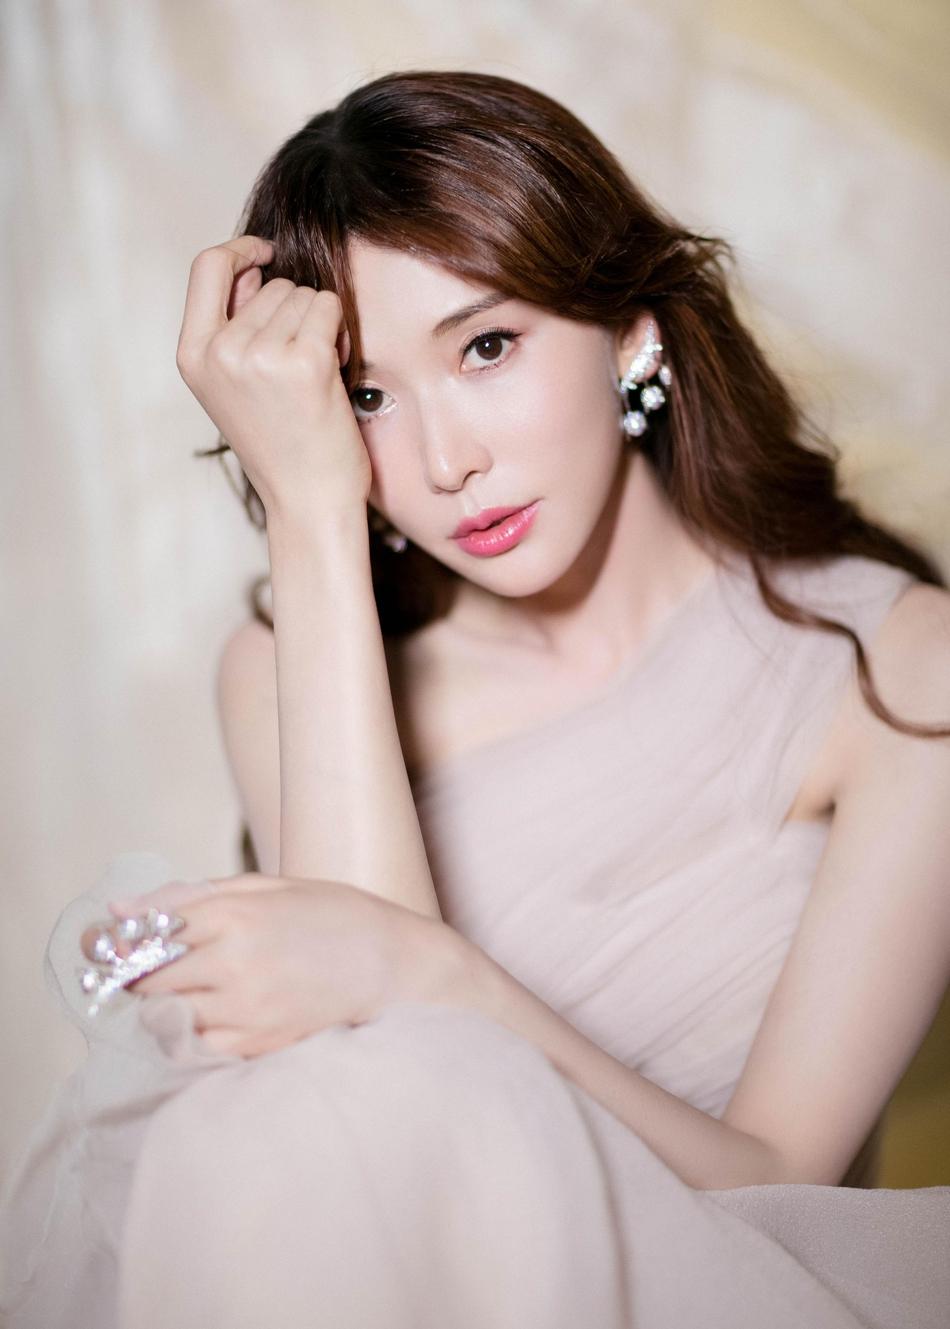 被林志玲的气质惊艳了,一袭粉色礼服裙配波浪卷秀发,轻松美成少女范